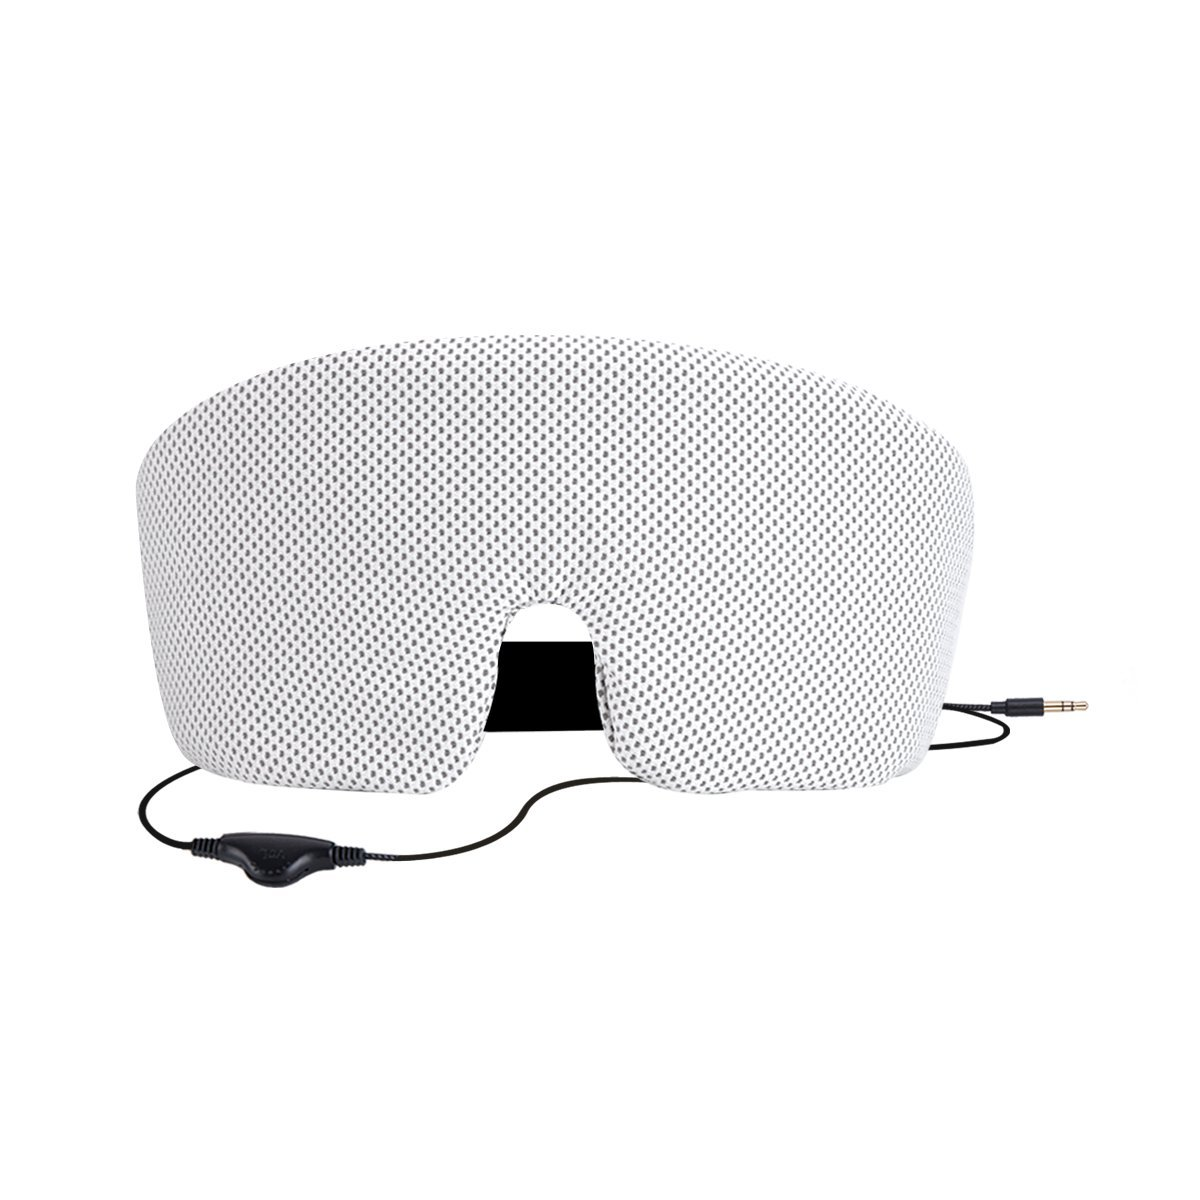 agptek schlafmaske mit integriertem kopfh rer f r smartphone tablet mp3 player ebay. Black Bedroom Furniture Sets. Home Design Ideas